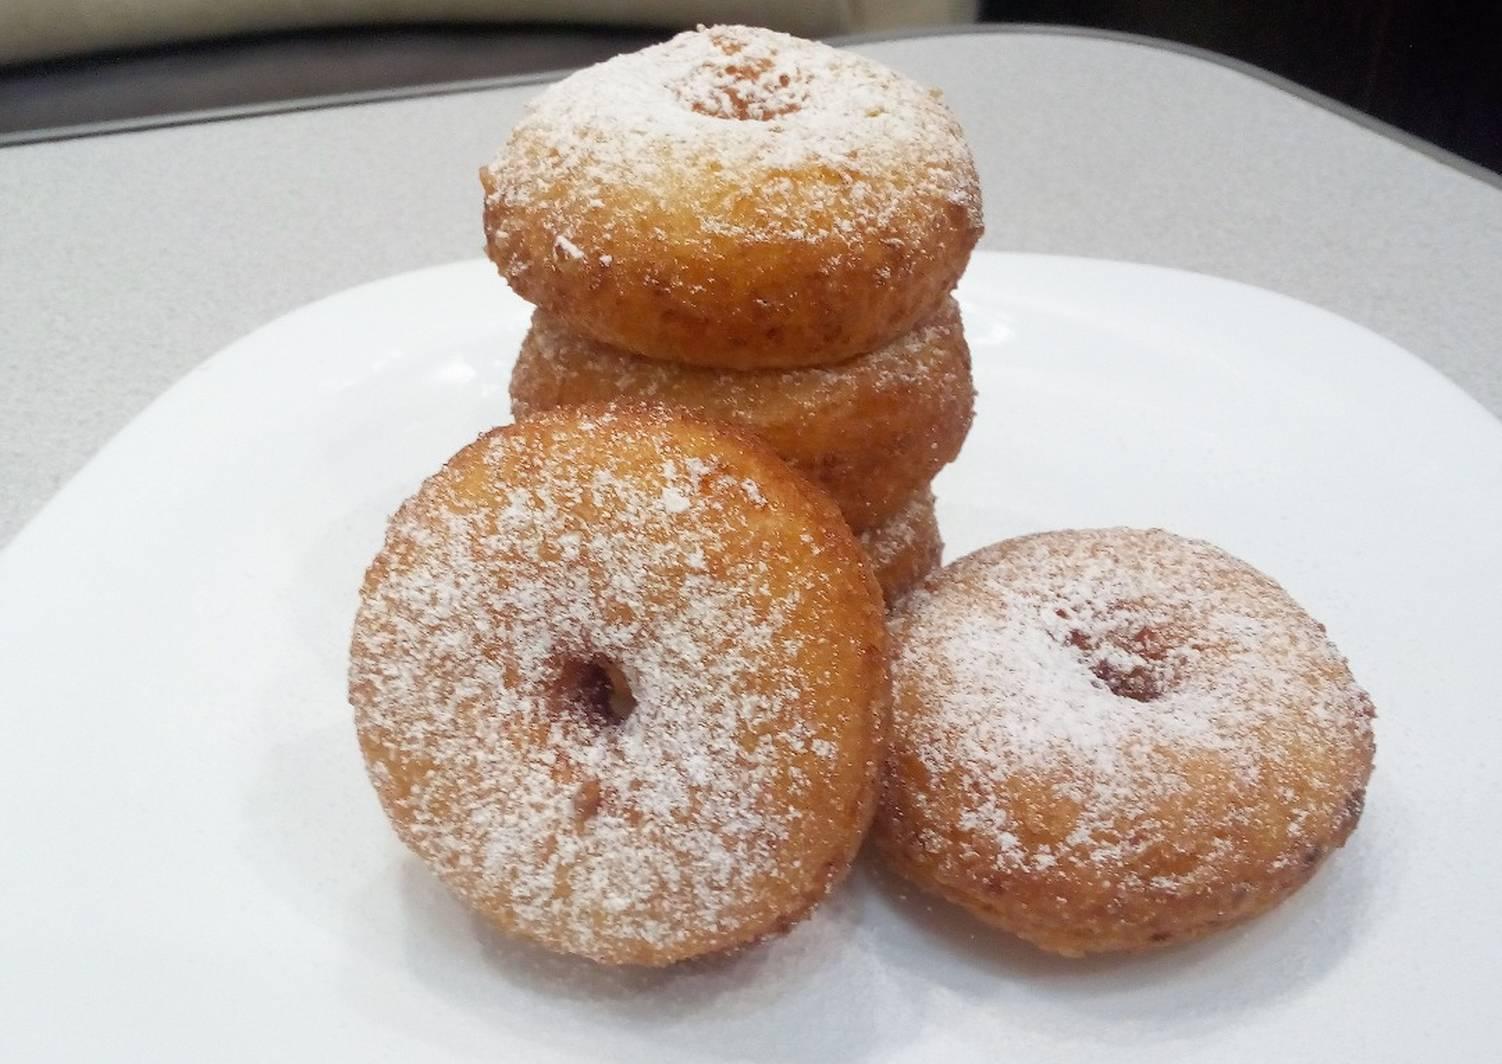 ещё дрожжевые творожные пончики рецепт с фото пошагово как выращиваю тонны